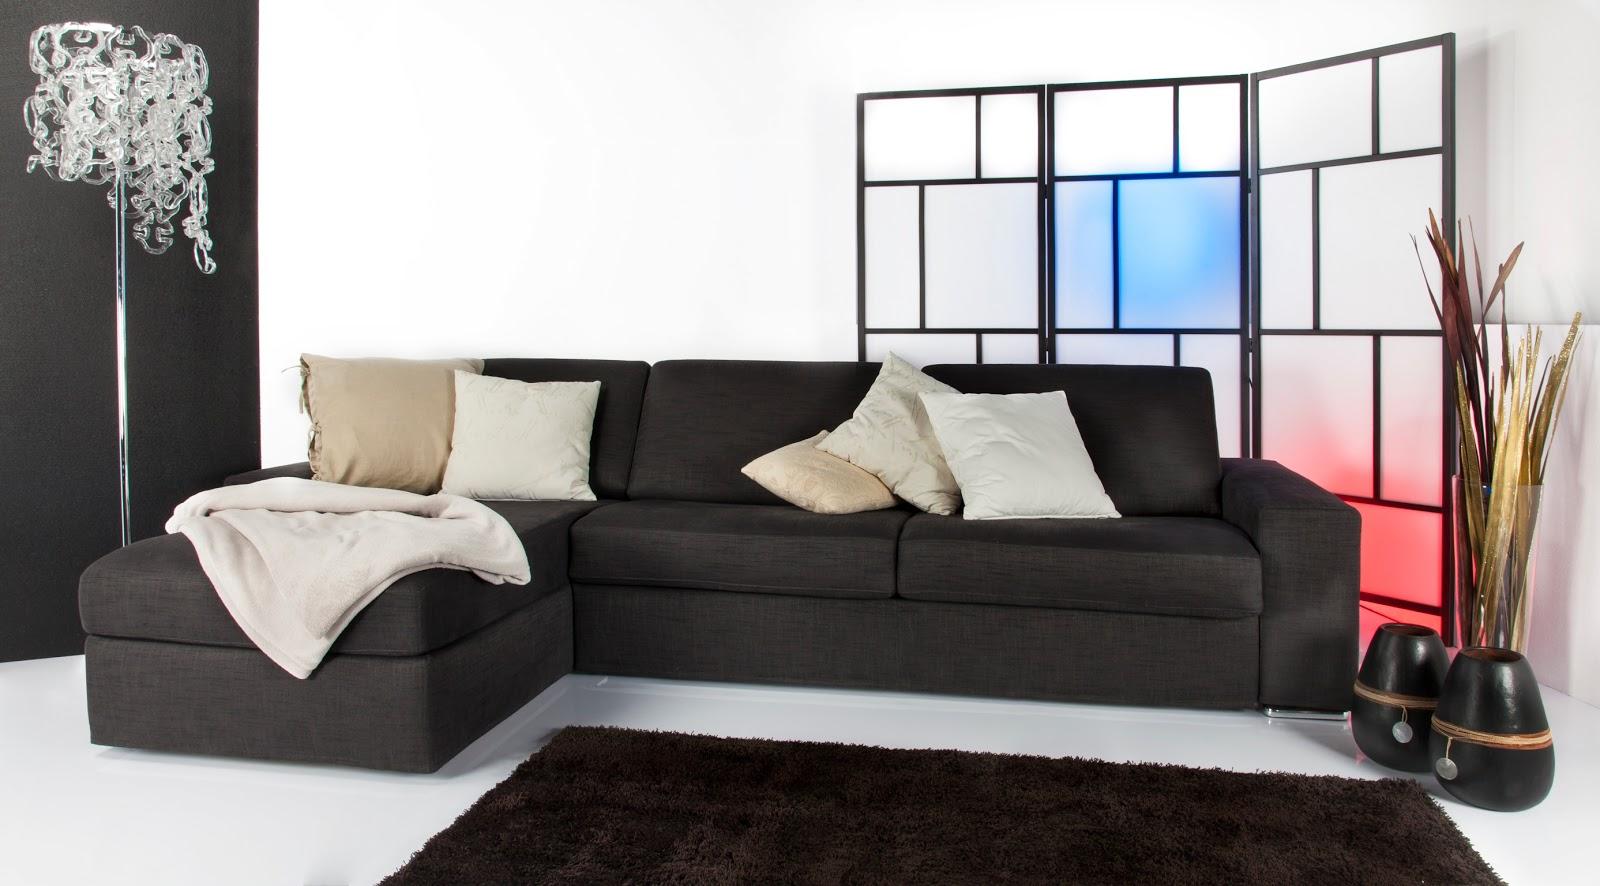 Divani blog tino mariani nuove immagini del divano for Divano con letto